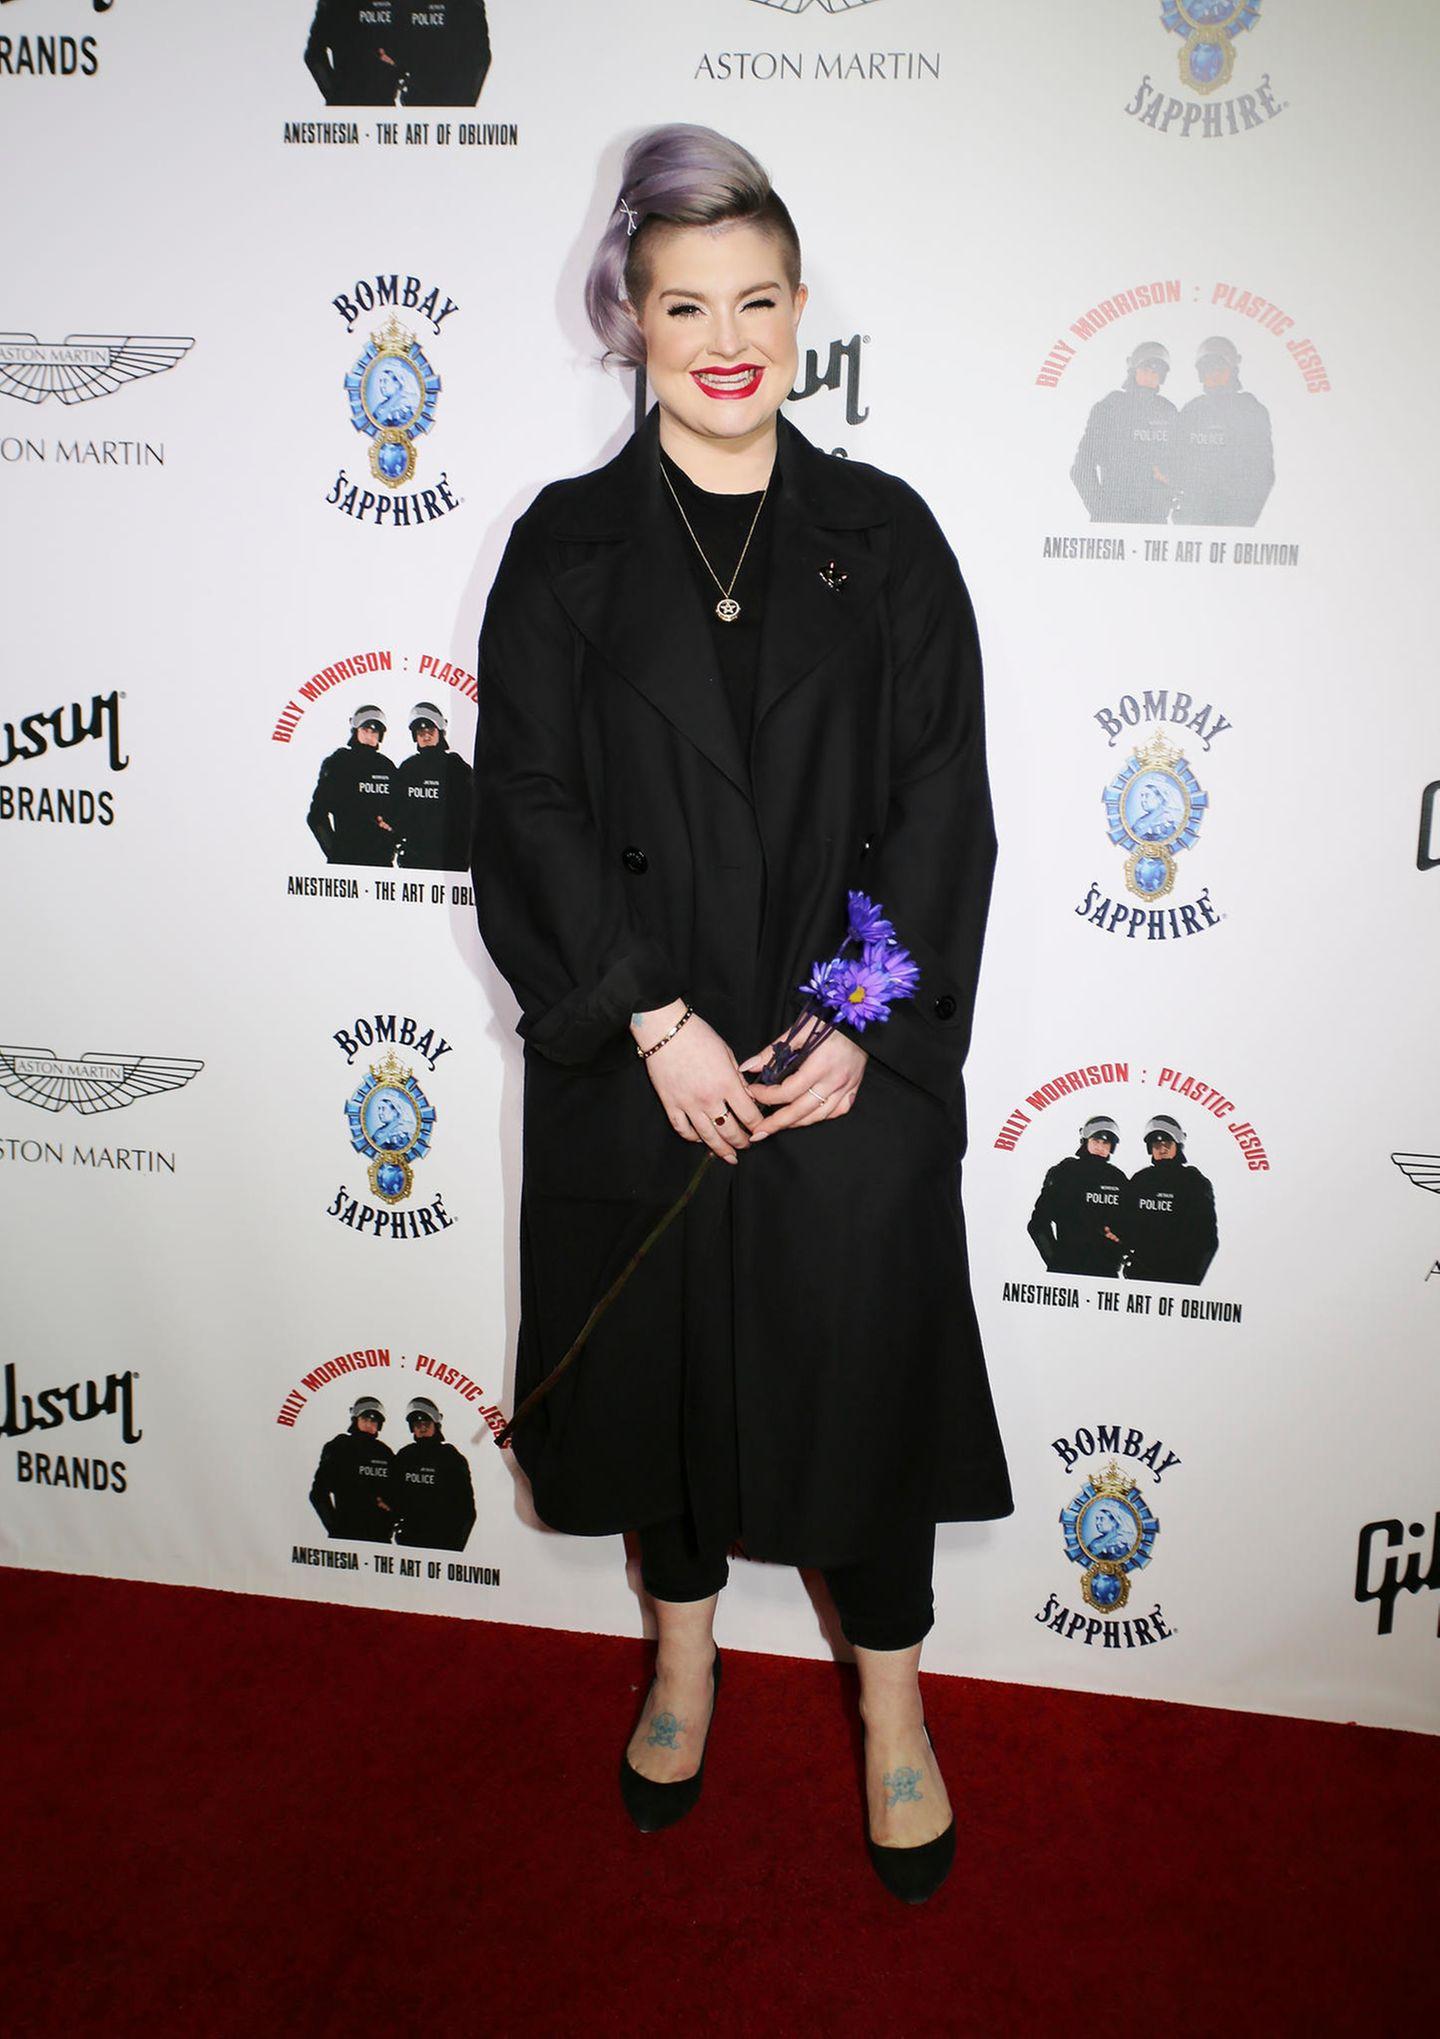 Zu einem Event im Februar 2017 erscheint Kelly Osbourne in einem schwarzen All-Over-Look. Versteckt unter einem dunklen Trench-Coat, lässt sich nicht viel von ihrer Figur erkennen – doch im Vergleich zu Fotos, die vier Jahre später entstehen, wird klar: Kelly hat deutlich abgenommen.